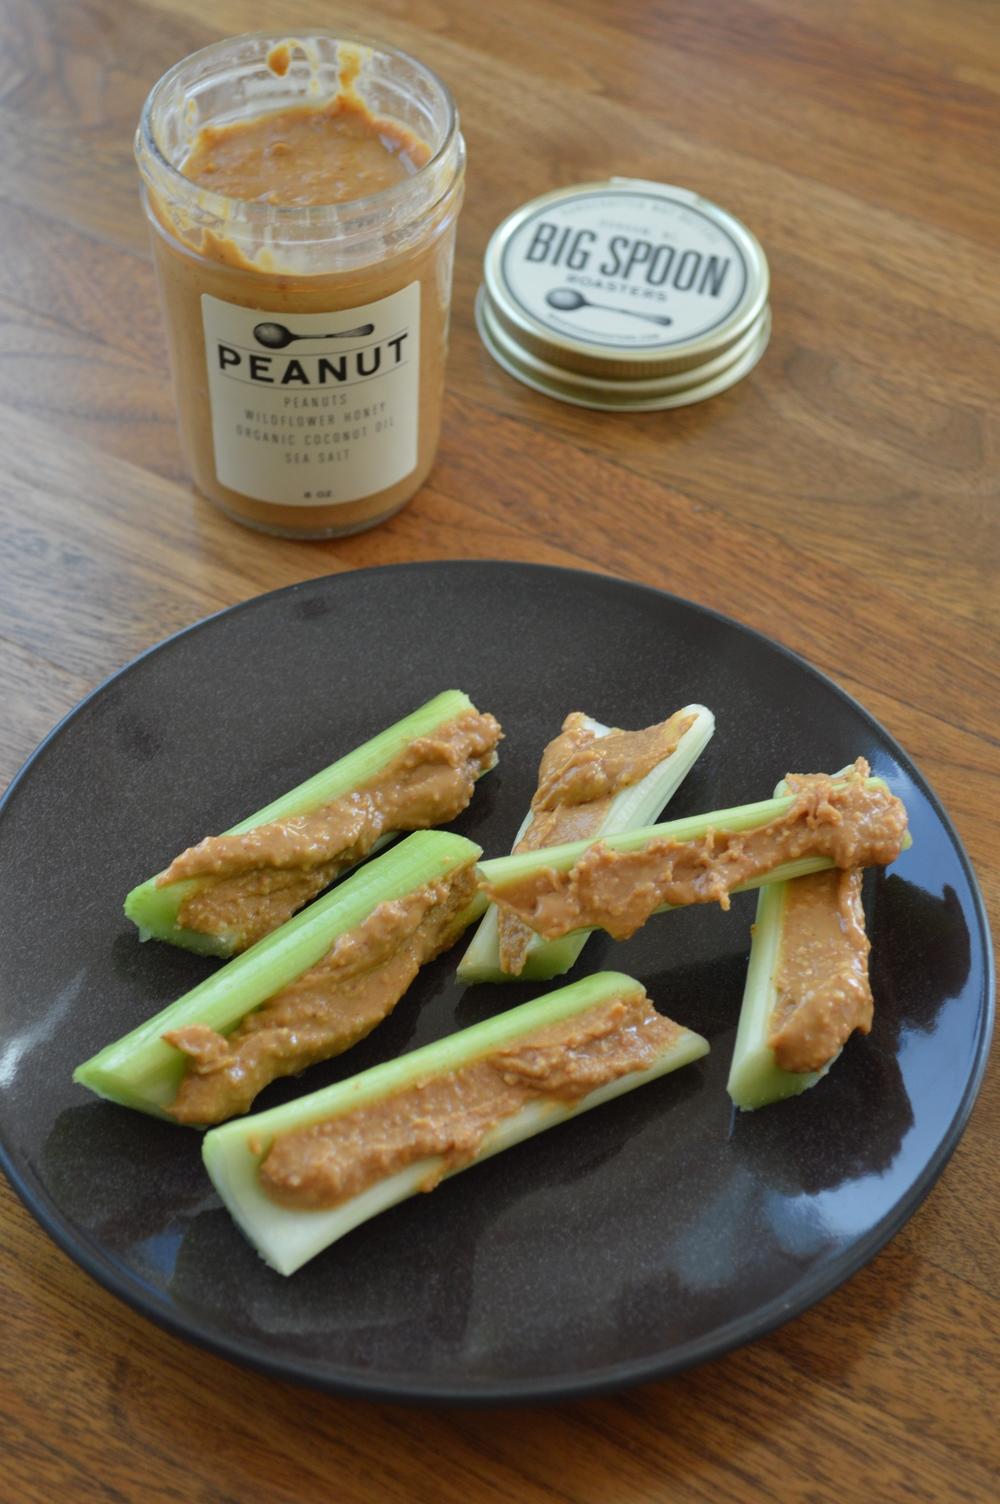 Lauren-Schwaiger-Blog-Clean-Eating-Celery+BigSpoonRoasters-PeanutButter.jpg